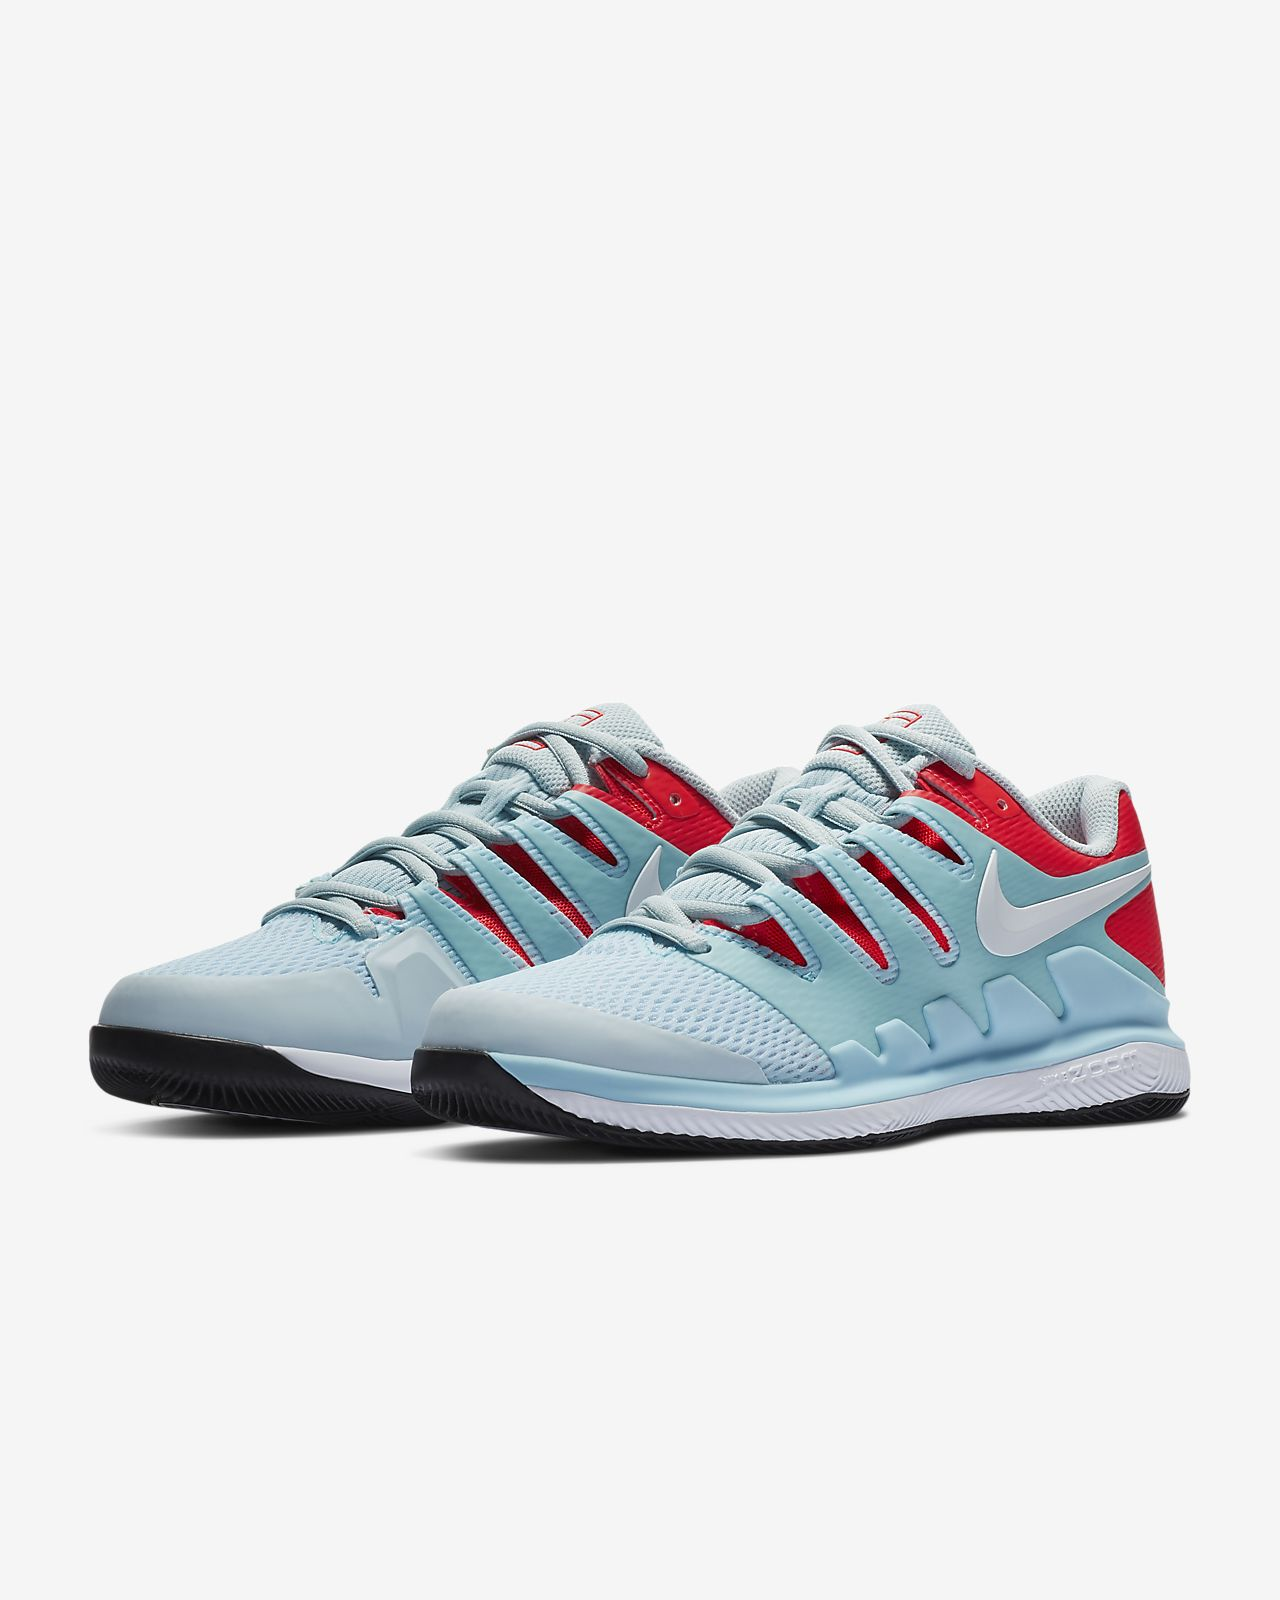 e86f564b0c4 ... Chaussure de tennis pour surface dure NikeCourt Air Zoom Vapor X pour  Femme